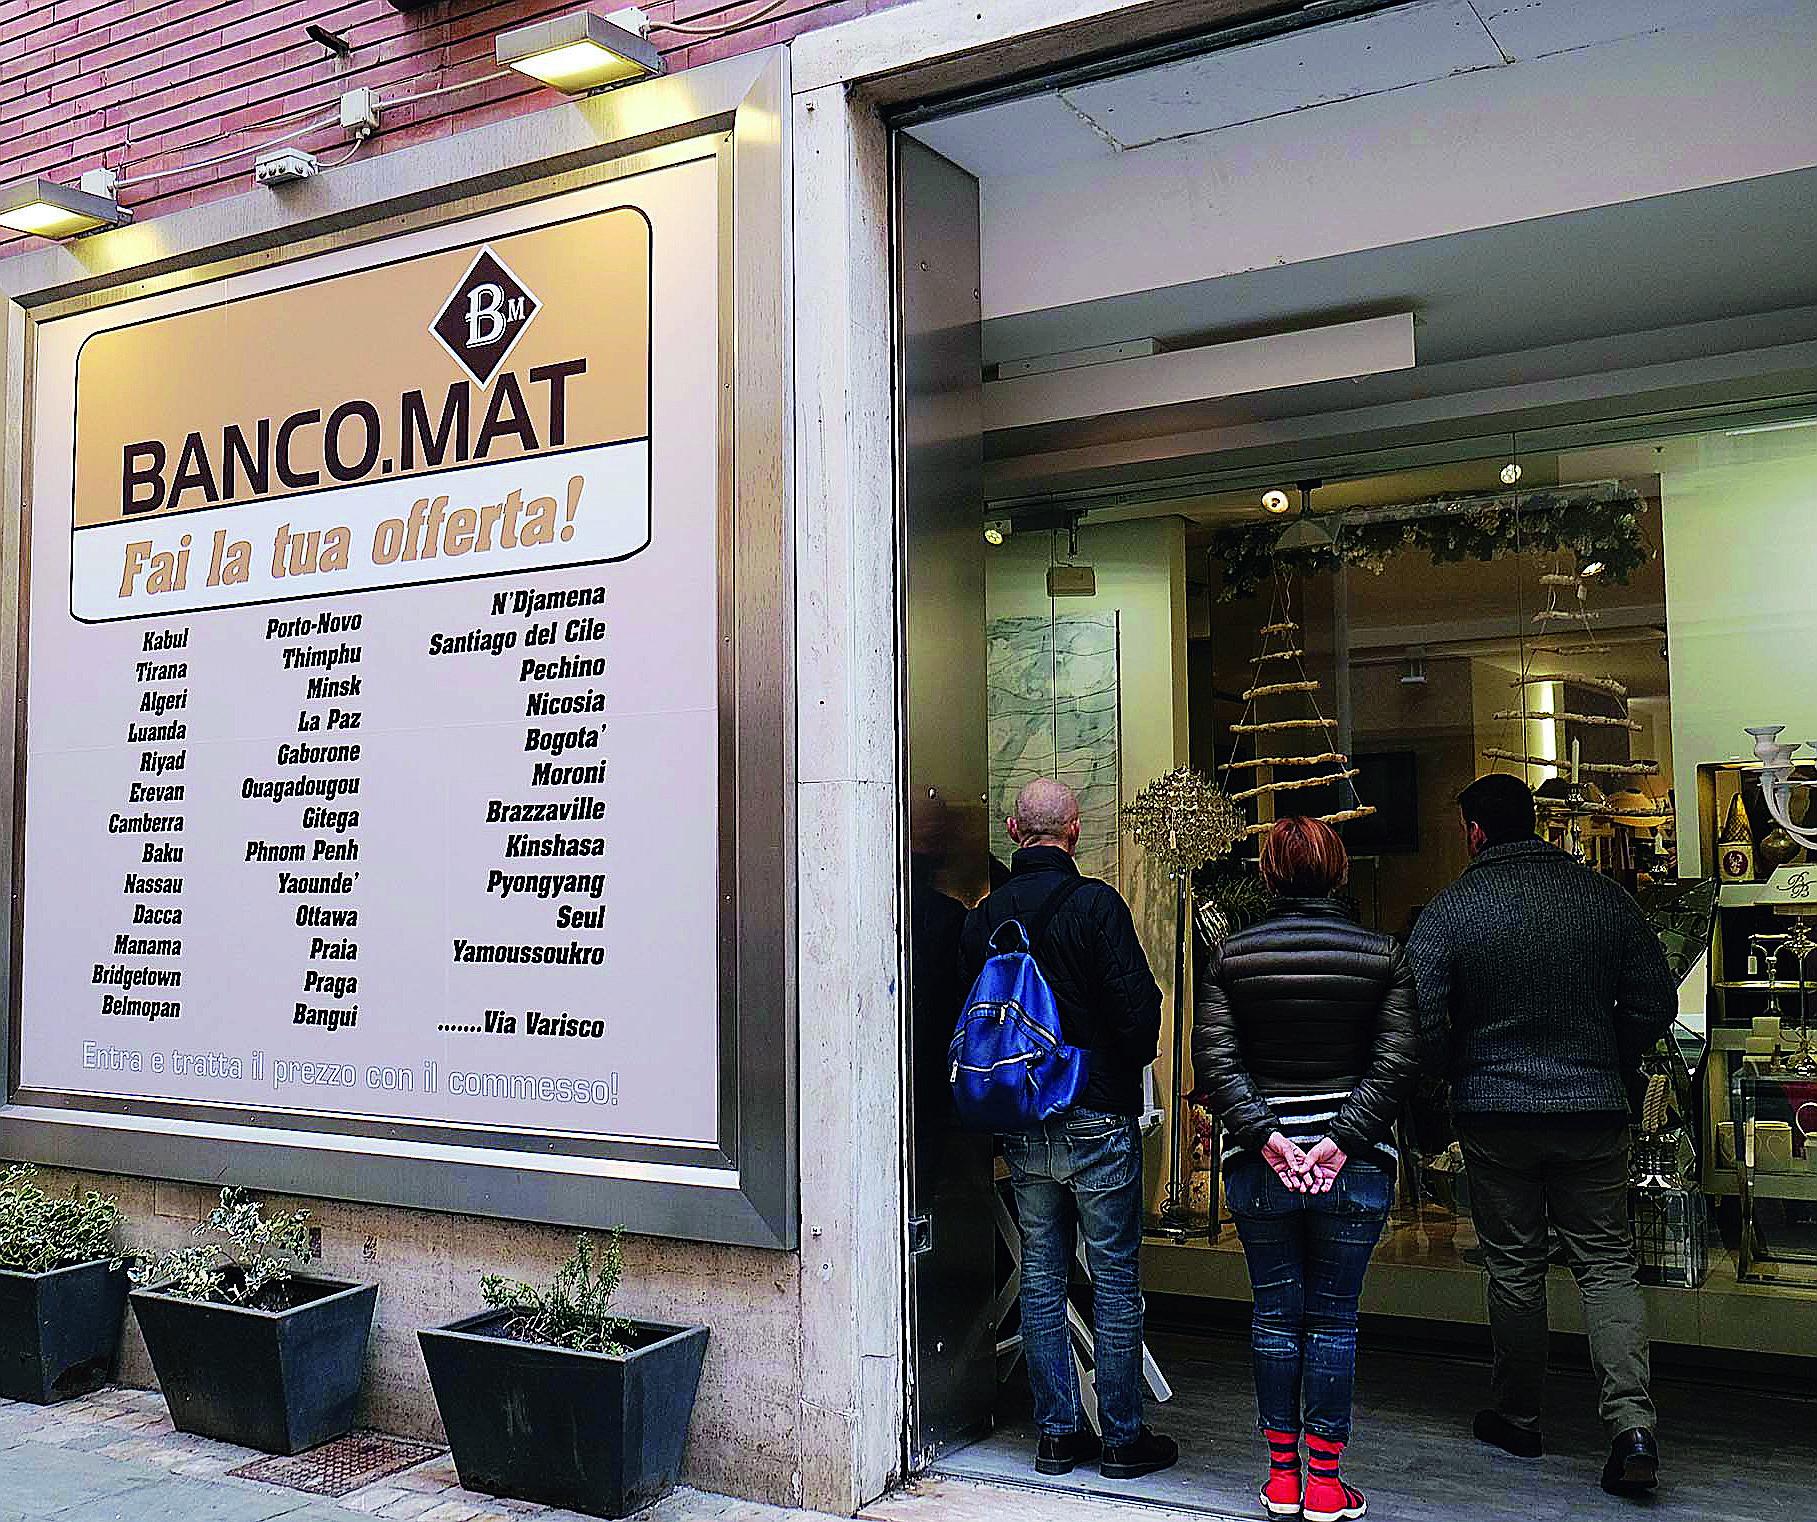 Rimini, ha aperto Banco.mat. Negozio in cui il prezzo va trattato